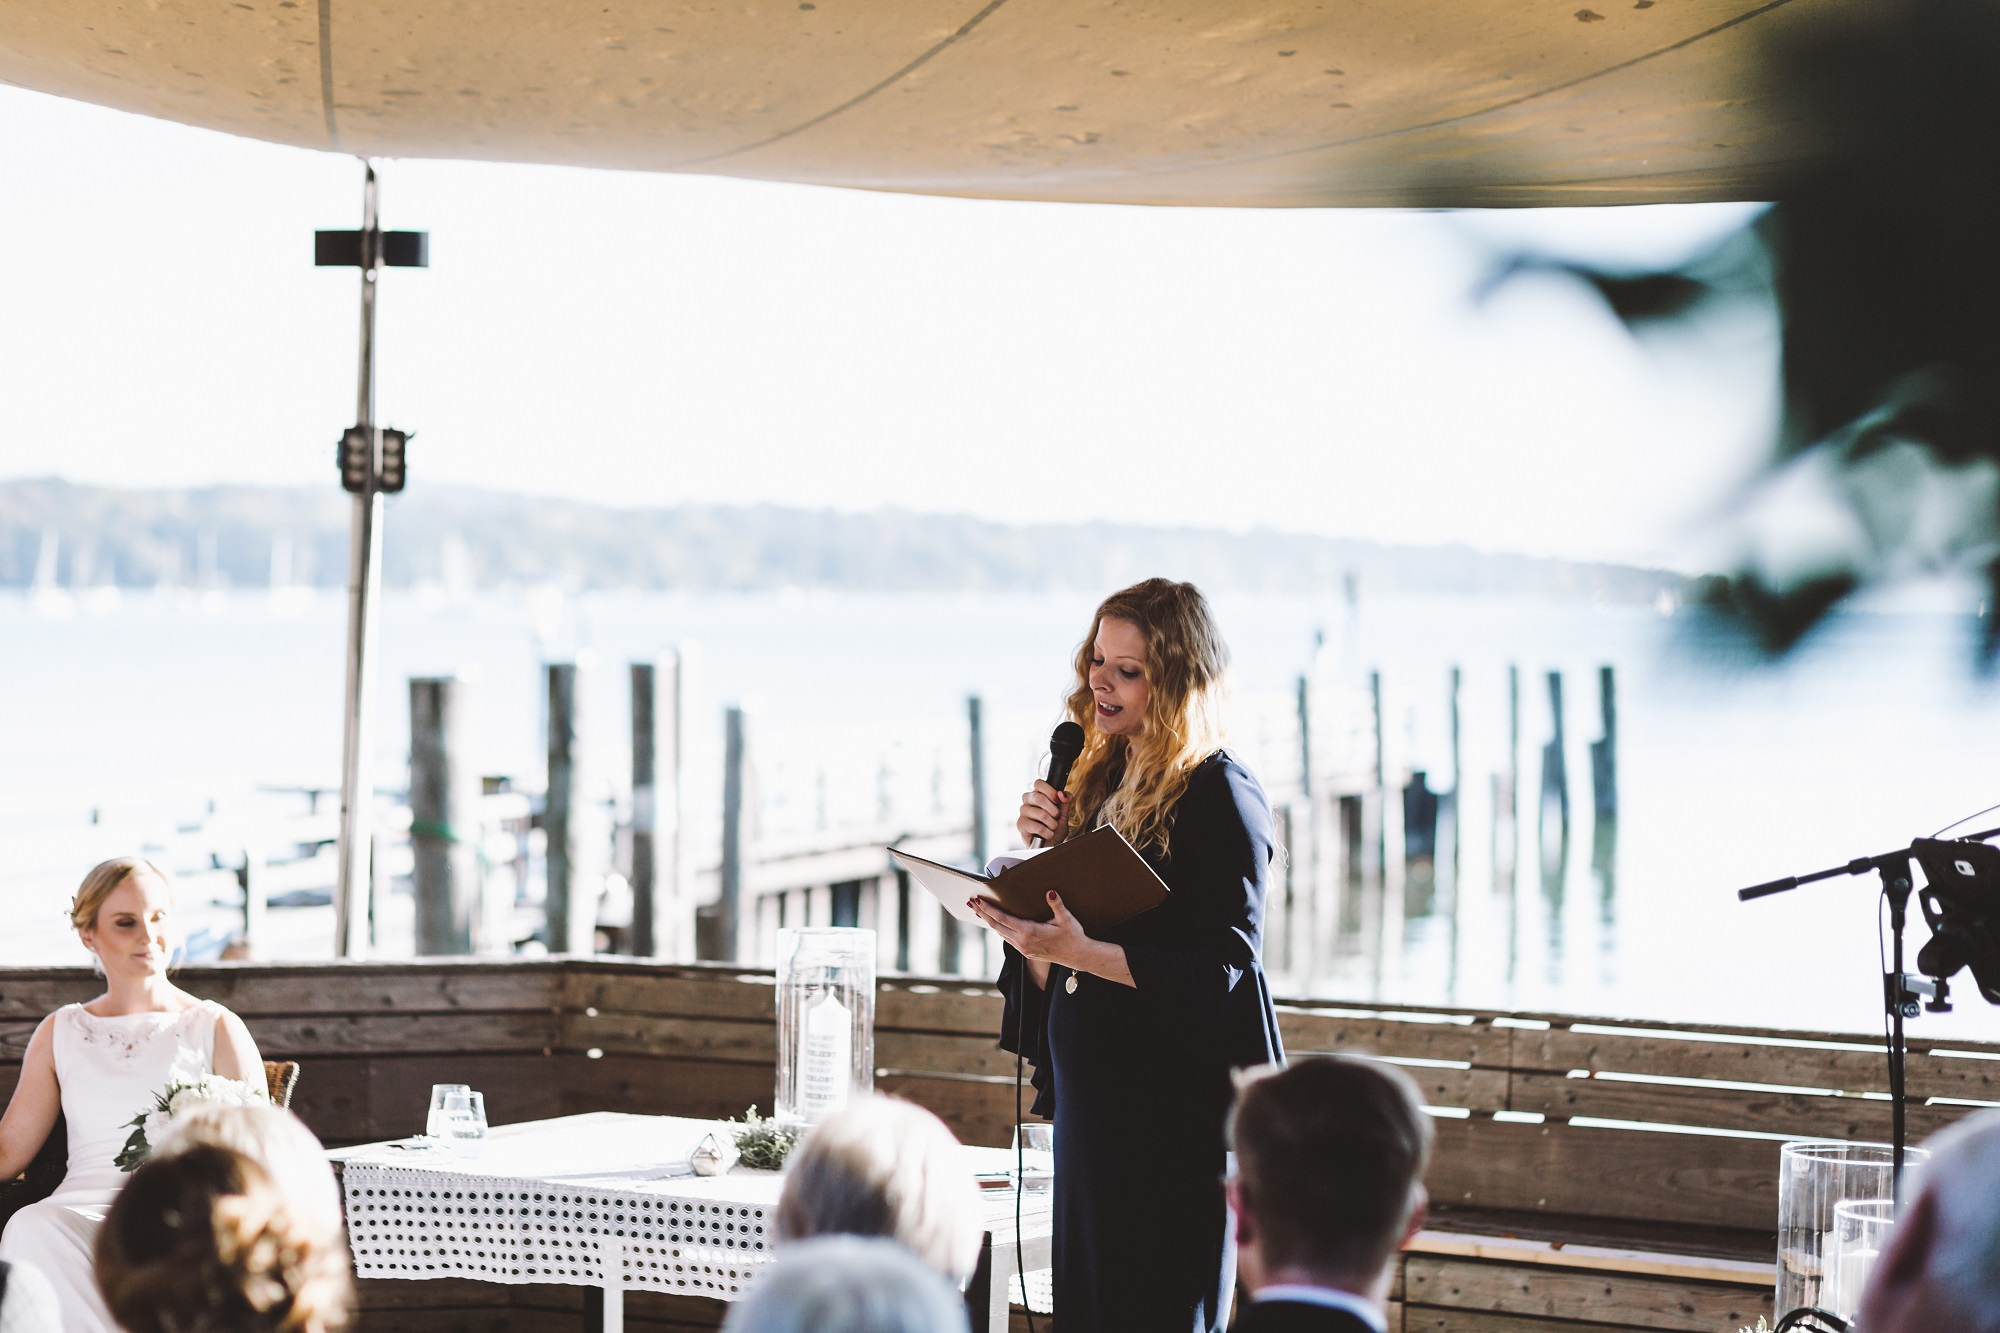 Hochzeitsrednerin Katharina erzählt davon, wie schön Panama ist - die Terrasse am Ammersee war es auch! (Foto: Ralf Schuck)